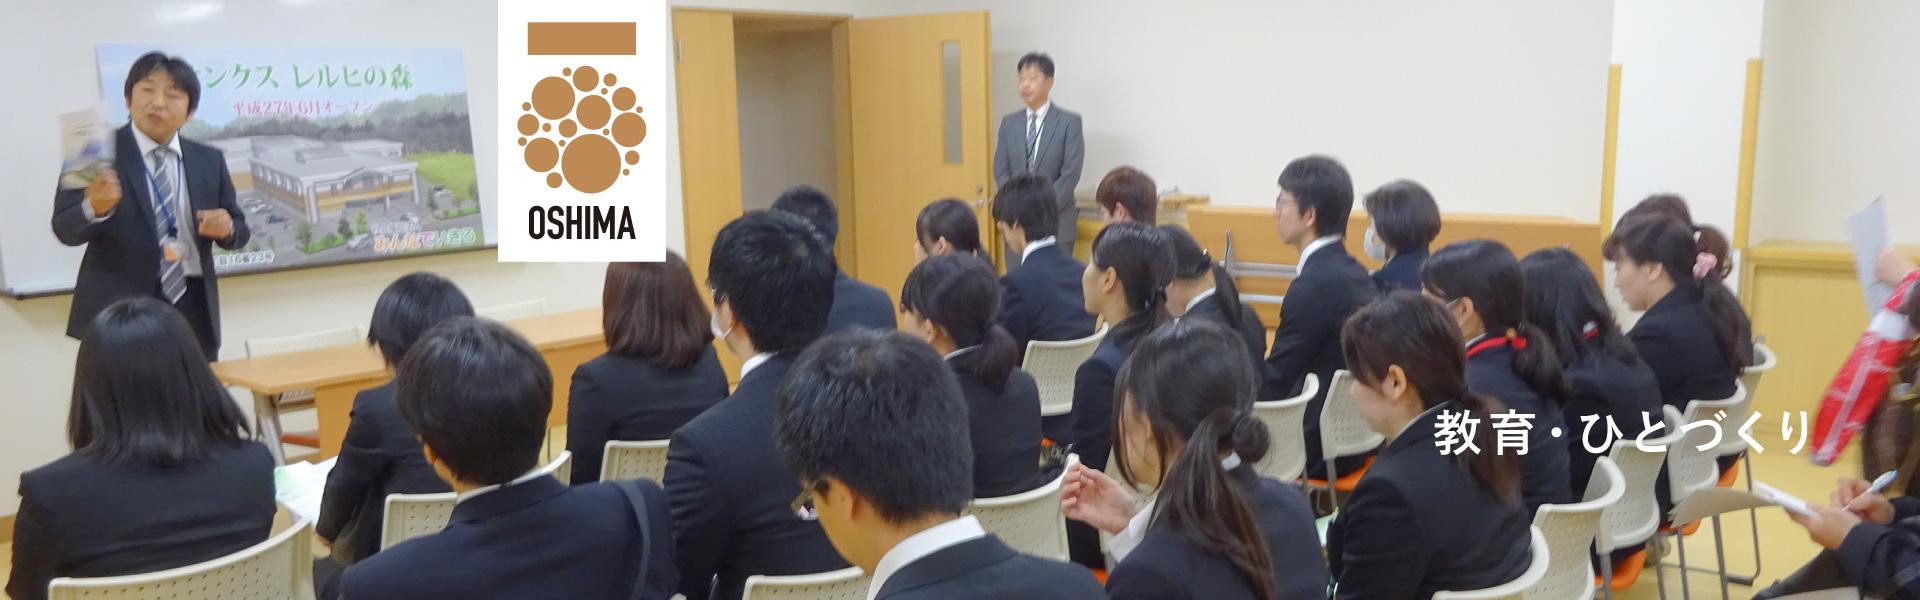 新潟県 上越市 大島グループ 教育・ひとづくり